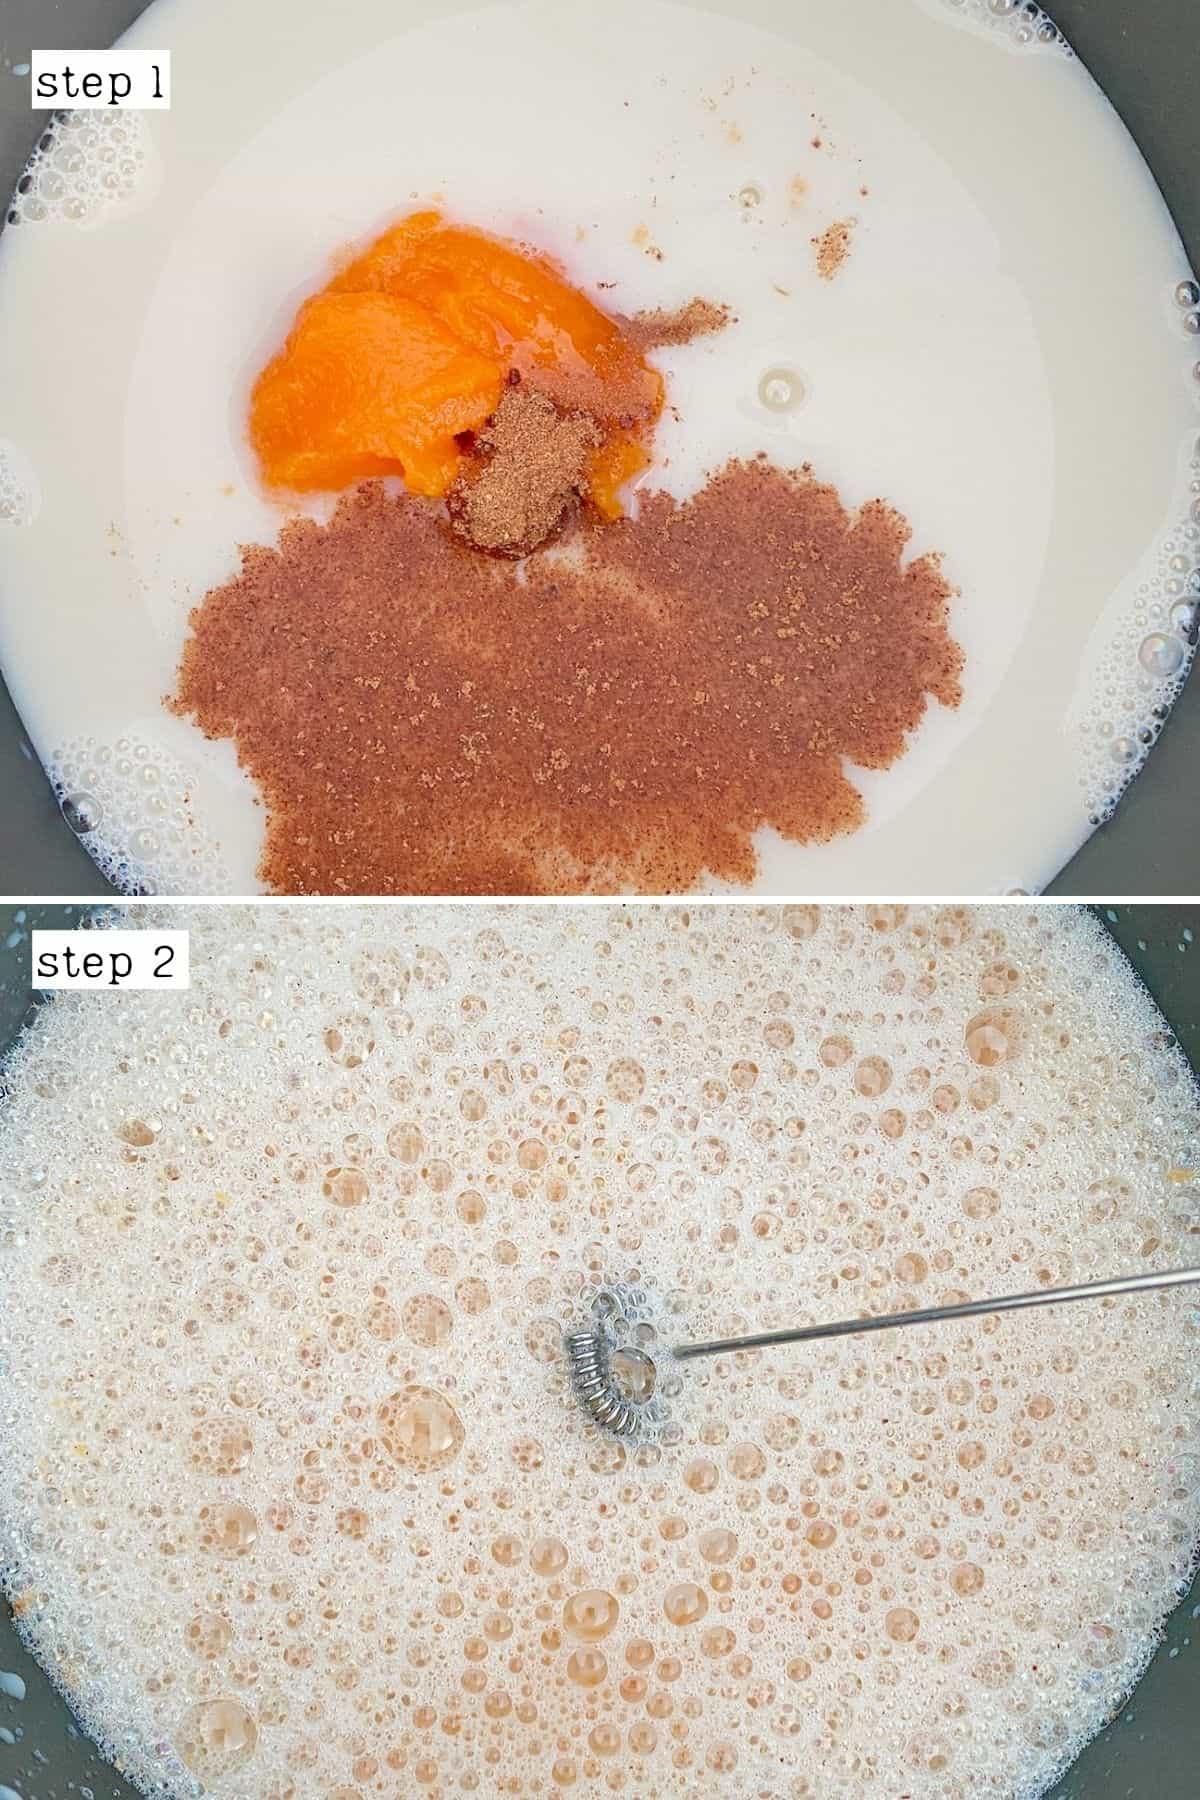 Steps for making pumpkin spice latte